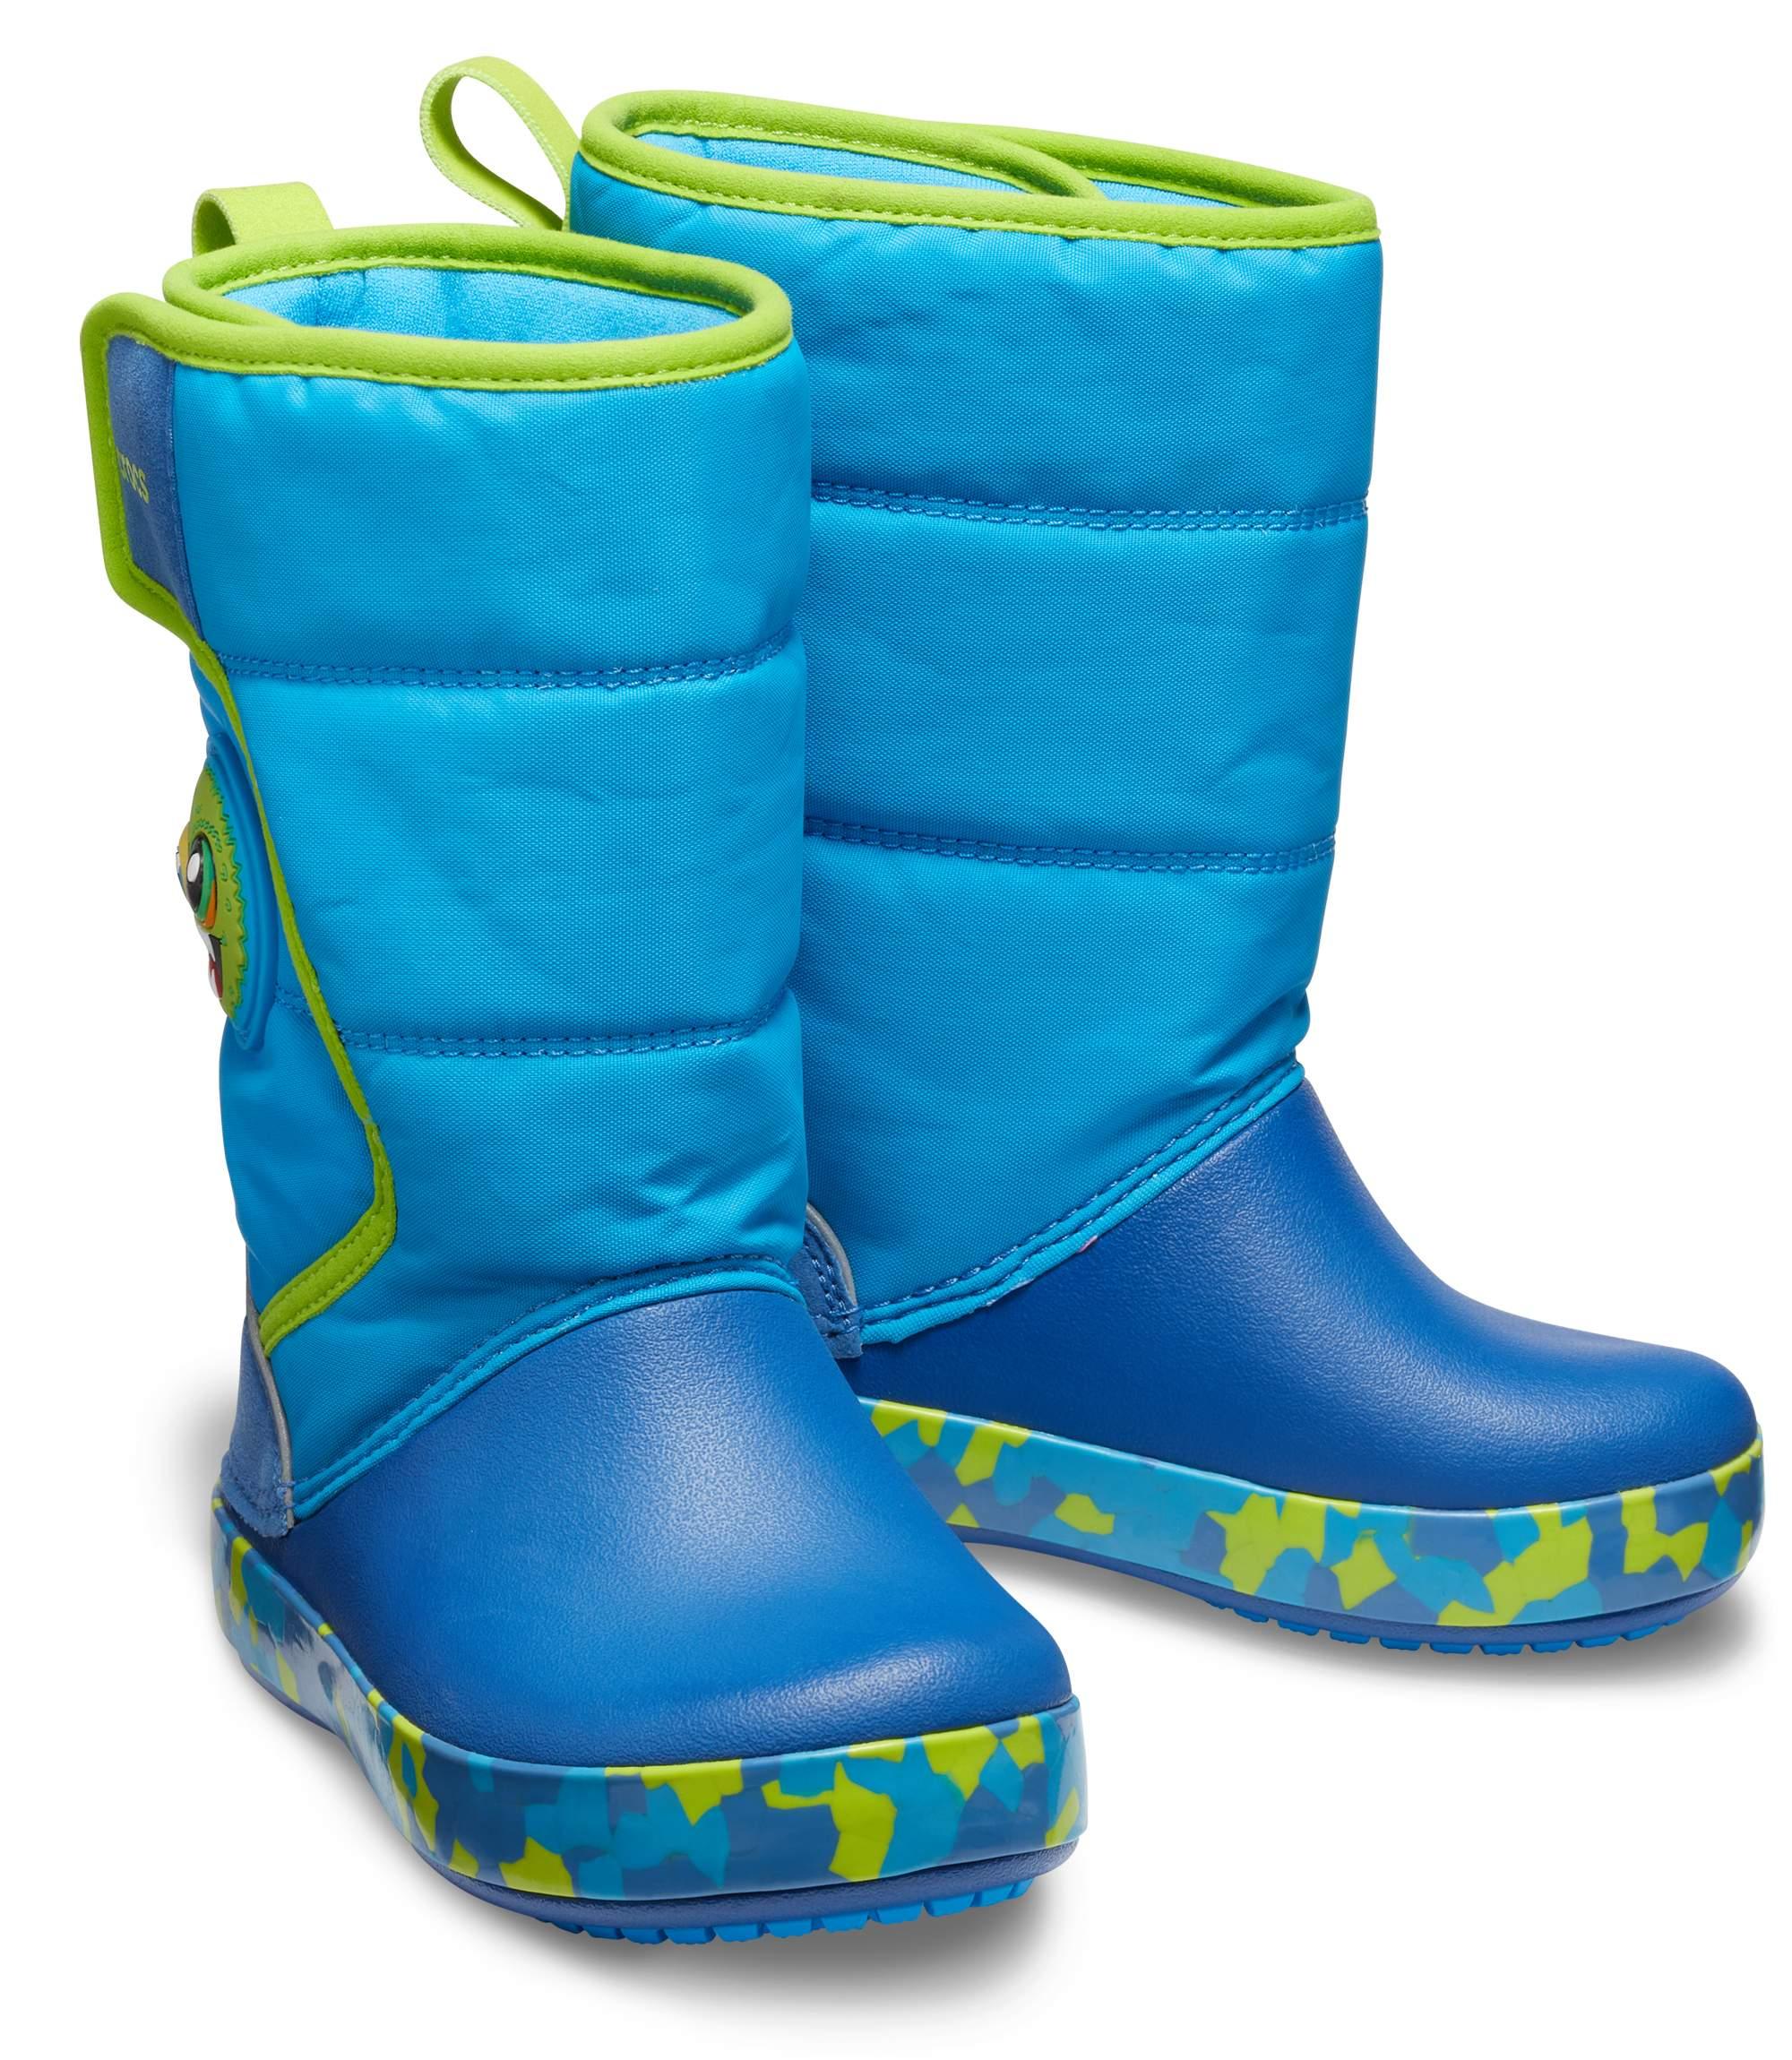 【クロックス公式】 クロックス ファン ラブ モンスター ライツ ブーツ キッズ Kids' Crocs Fun Lab Monster Lights Boot ユニセックス、キッズ、子供用、男の子、女の子、男女兼用 ライトブルー/青 14cm,15cm,15.5cm,16.5cm,17.5cm,18cm,18.5cm,19cm,19.5cm,20cm,21cm boot ブーツ 30%OFF